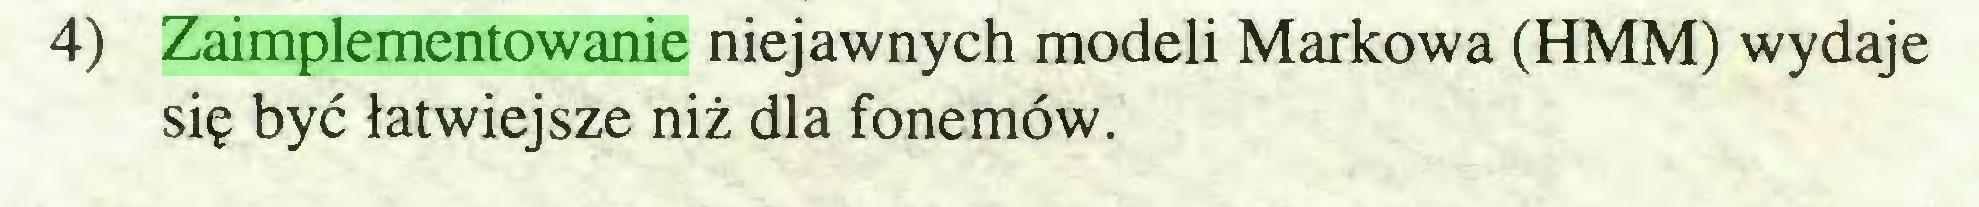 (...) 4) Zaimplementowanie niejawnych modeli Markowa (HMM) wydaje się być łatwiejsze niż dla fonemów...